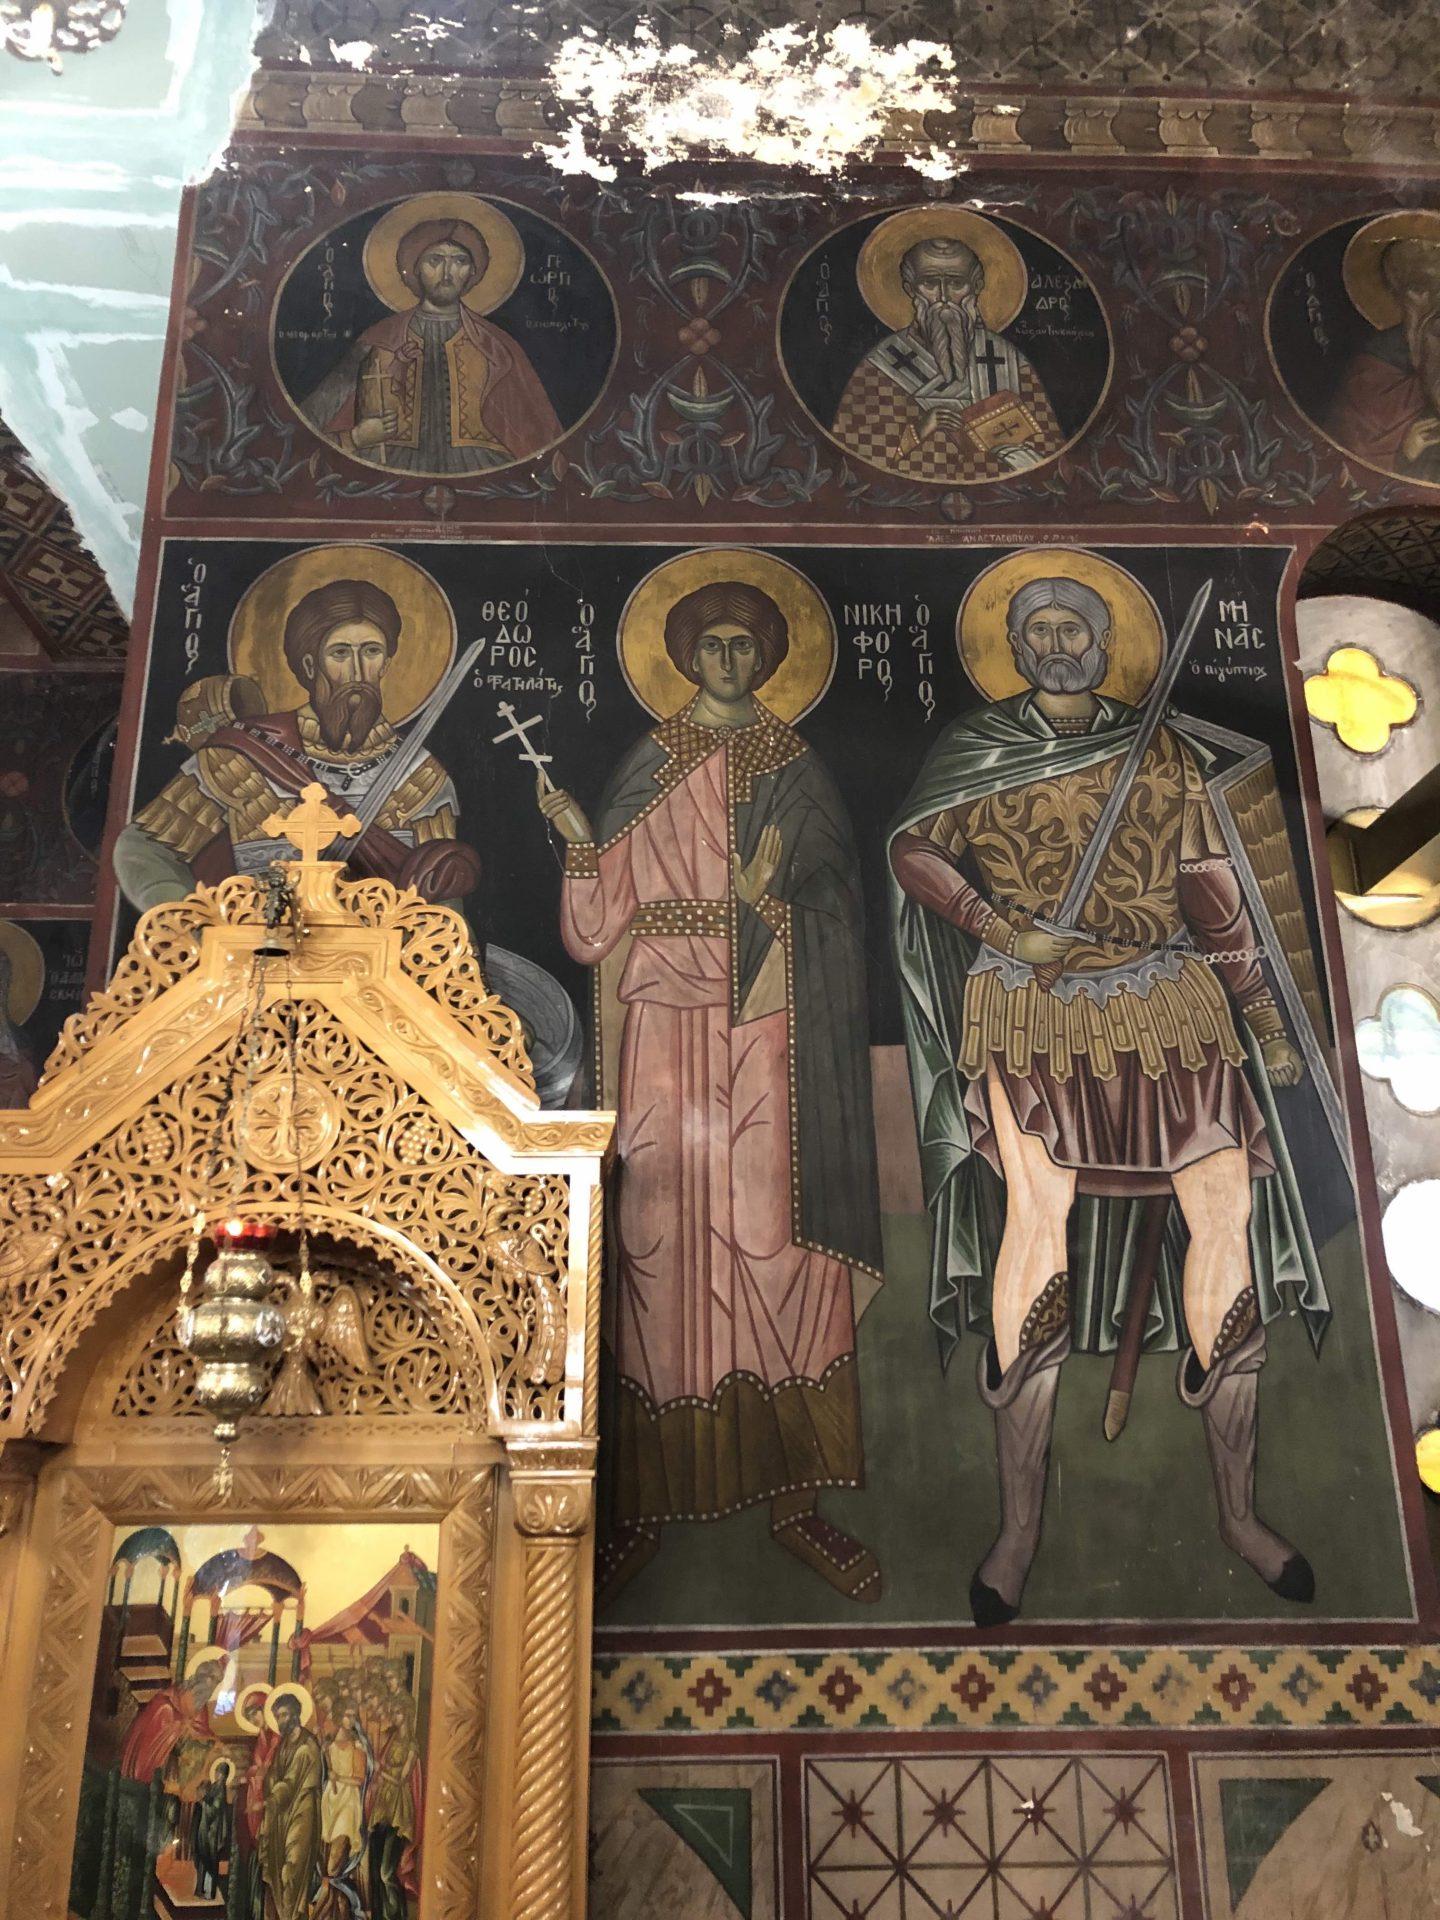 Αποκαθίσταται ο ναός του Αγ. Χαραλάμπους Πεδίου του Αρεως που έχει αγιογραφηθεί από τον Φώτη Κόντογλου   Enetpress